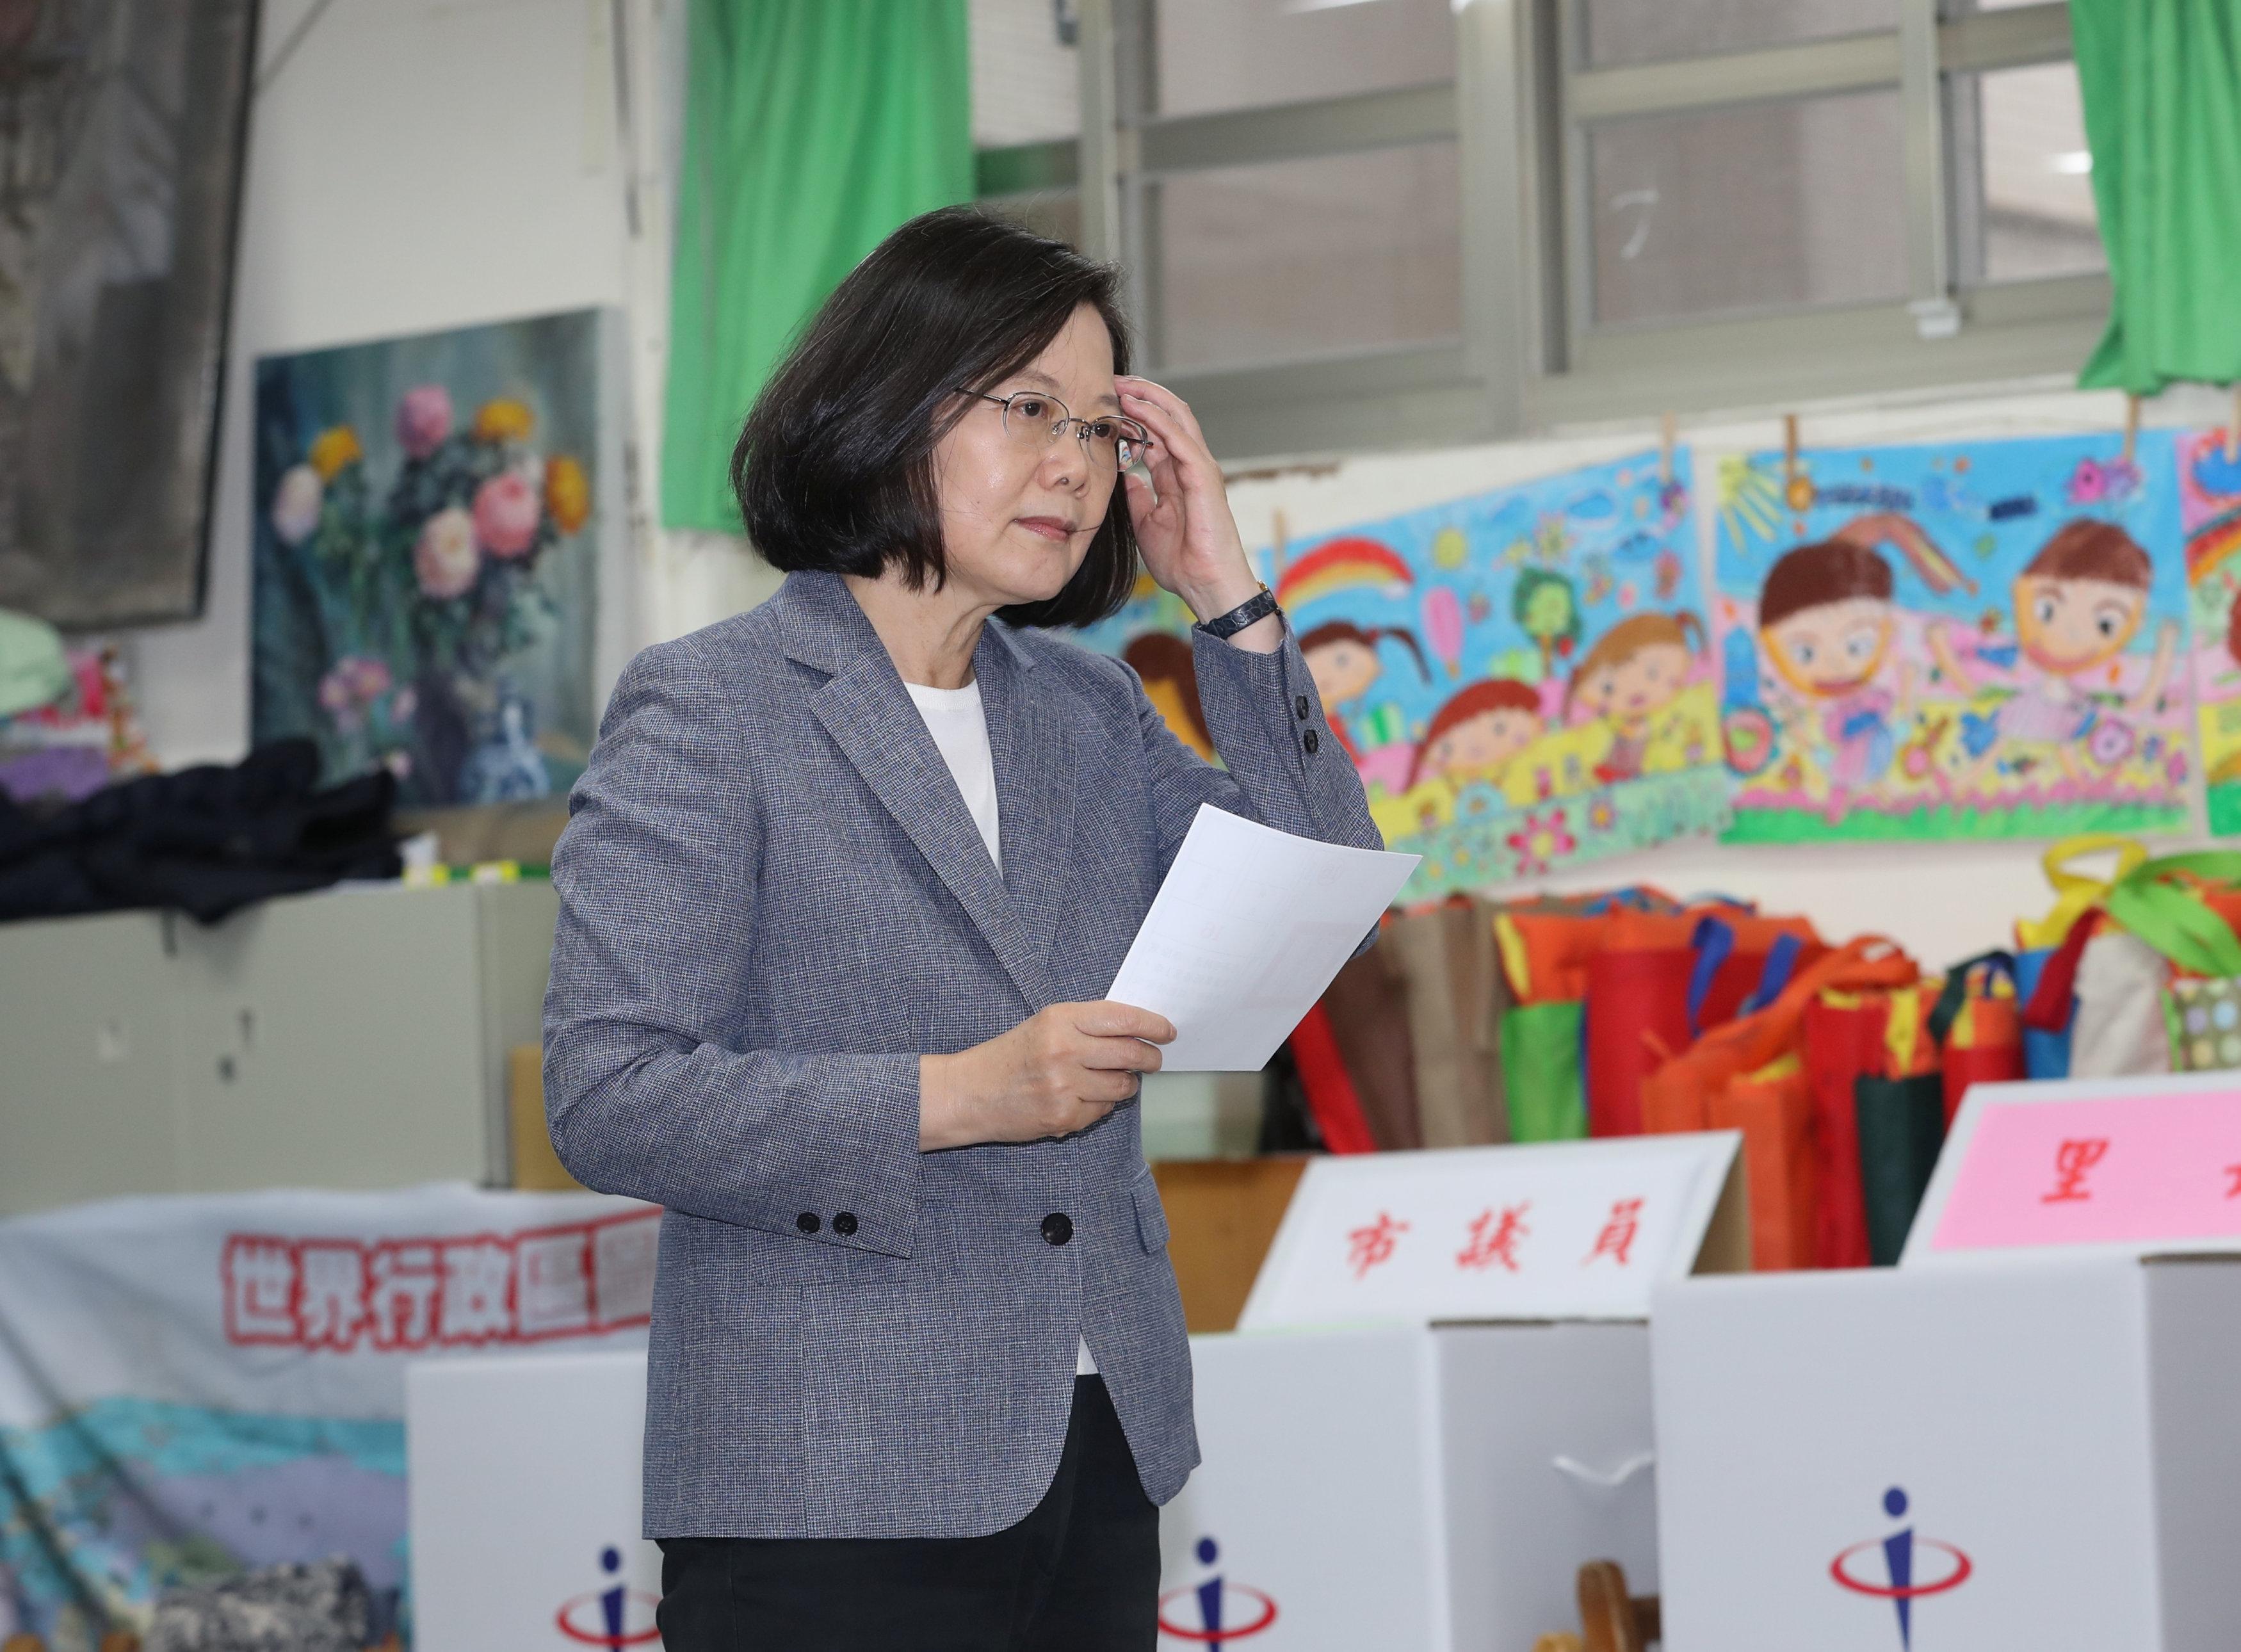 صور | انتخابات محلية في تايوان تضع الحزب الحاكم تحت الاختبار